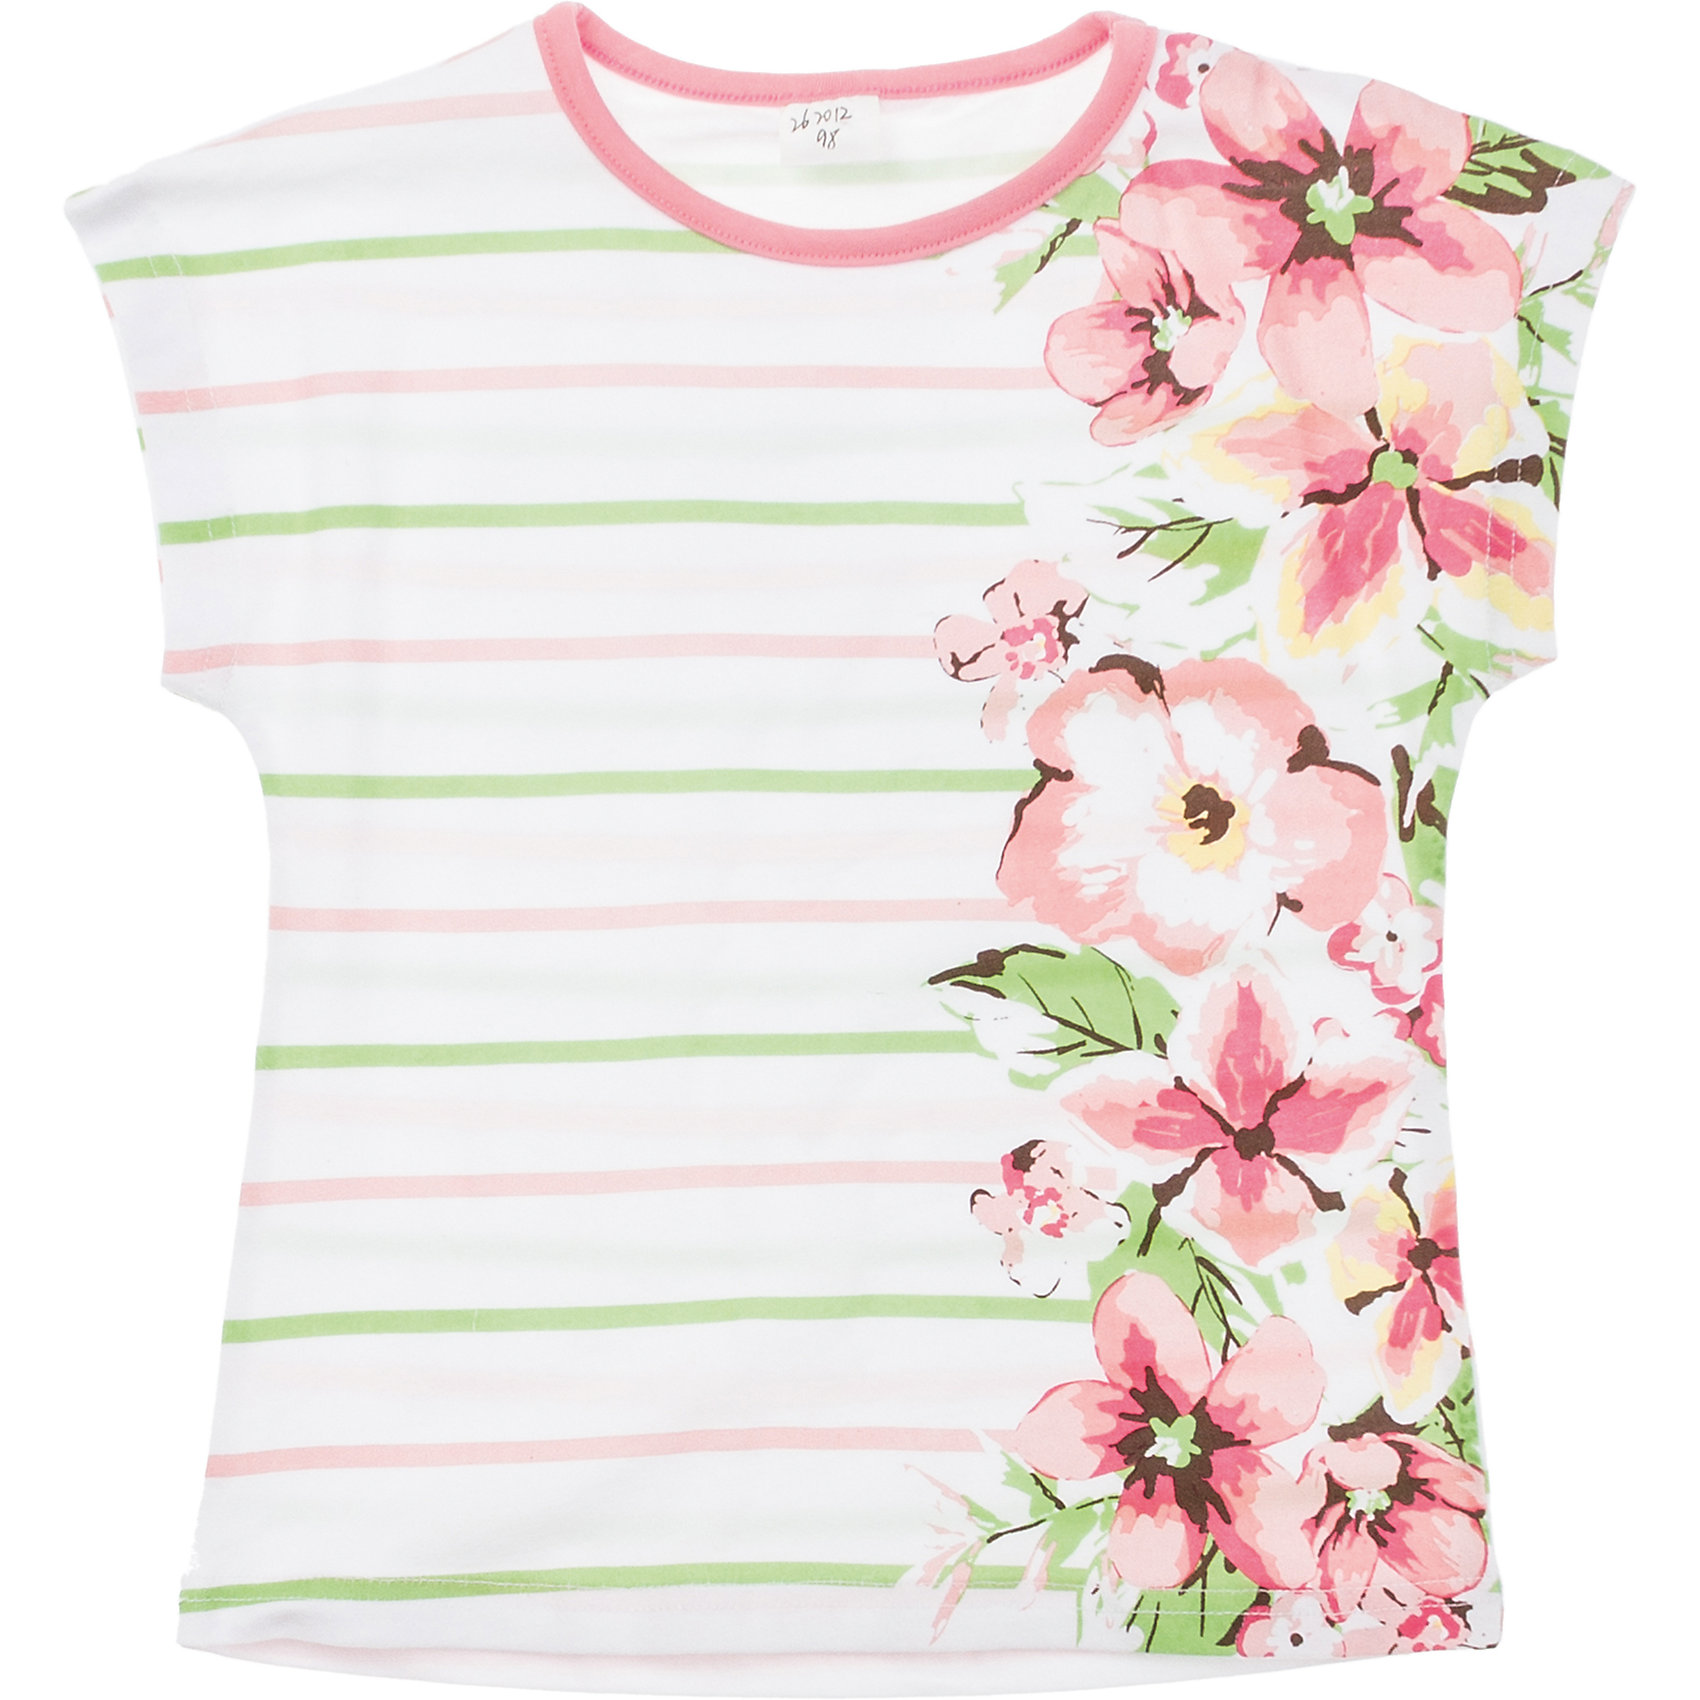 Футболка для девочки PlayTodayМягкая футболка с нежными цветочками. Удобный рукав-реглан, воротник на резинке персикового цвета. Состав: 95% хлопок, 5% эластан<br><br>Ширина мм: 199<br>Глубина мм: 10<br>Высота мм: 161<br>Вес г: 151<br>Цвет: белый<br>Возраст от месяцев: 36<br>Возраст до месяцев: 48<br>Пол: Женский<br>Возраст: Детский<br>Размер: 104,122,98,116,110,128<br>SKU: 4652658